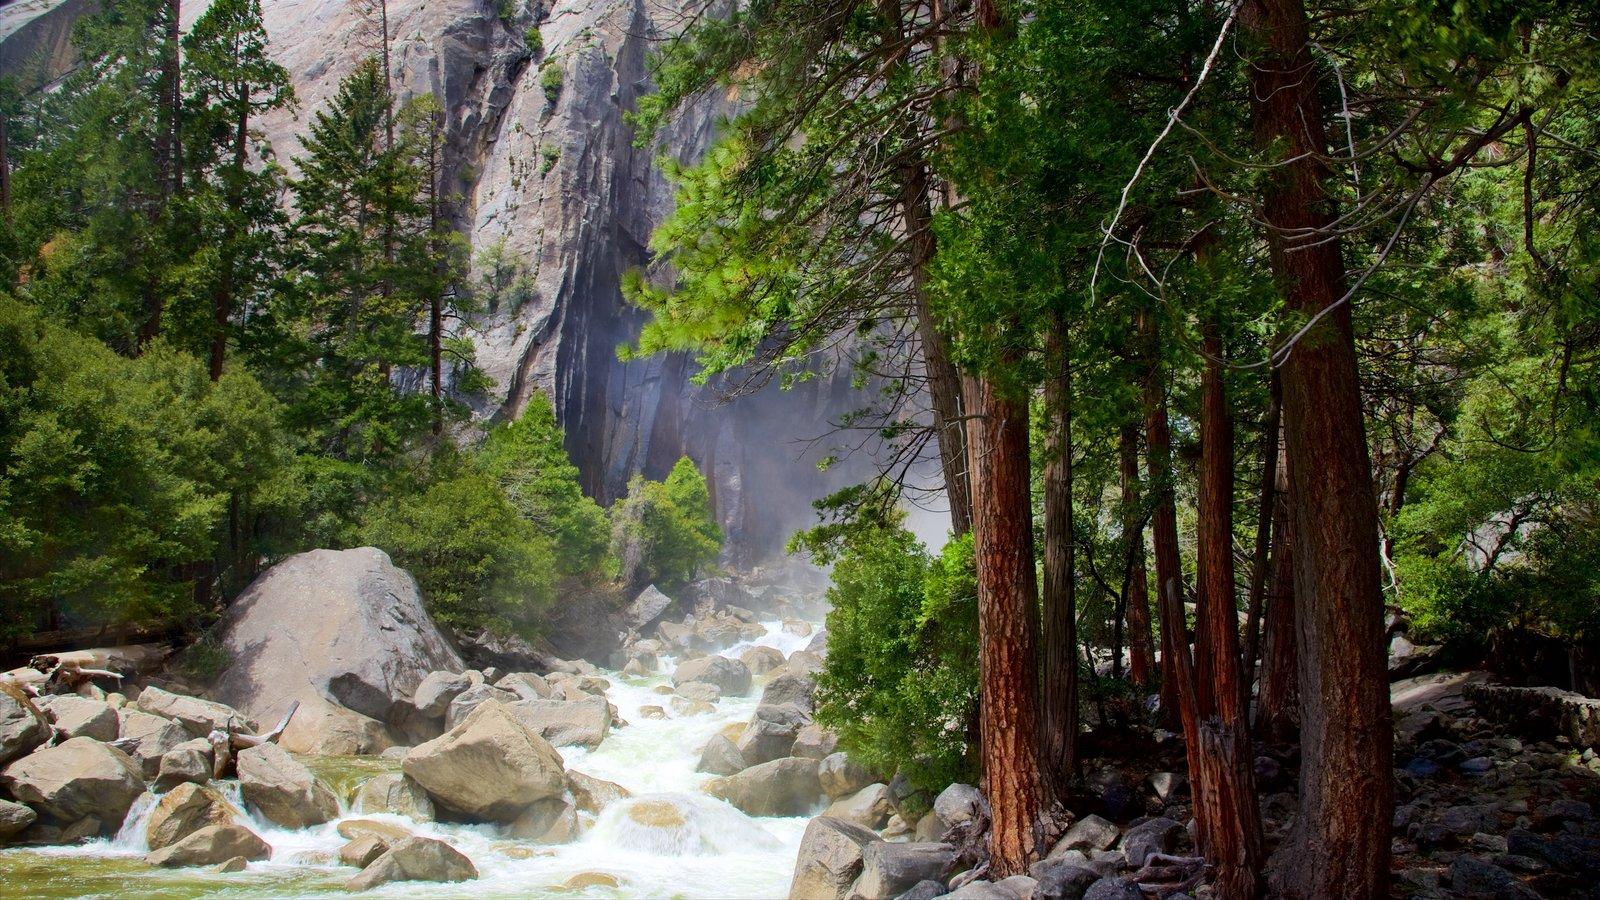 Parque Nacional Yosemite mostrando un río o arroyo y escenas forestales